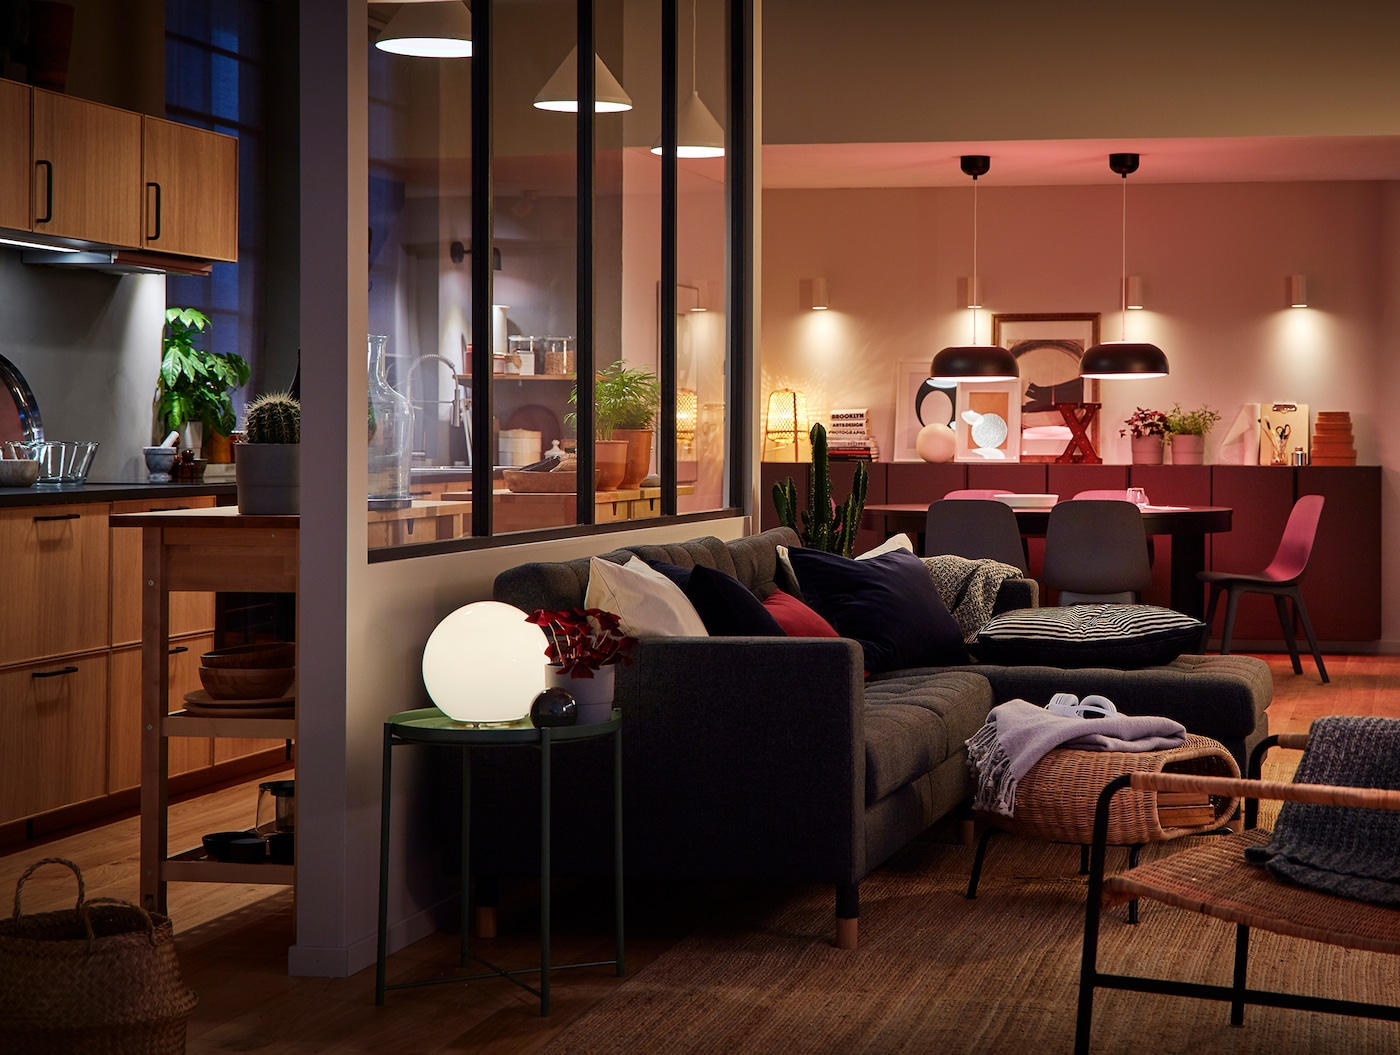 Obývací pokoj, jídelna a kuchyně s chytrým osvětlením TRÅDFRI.